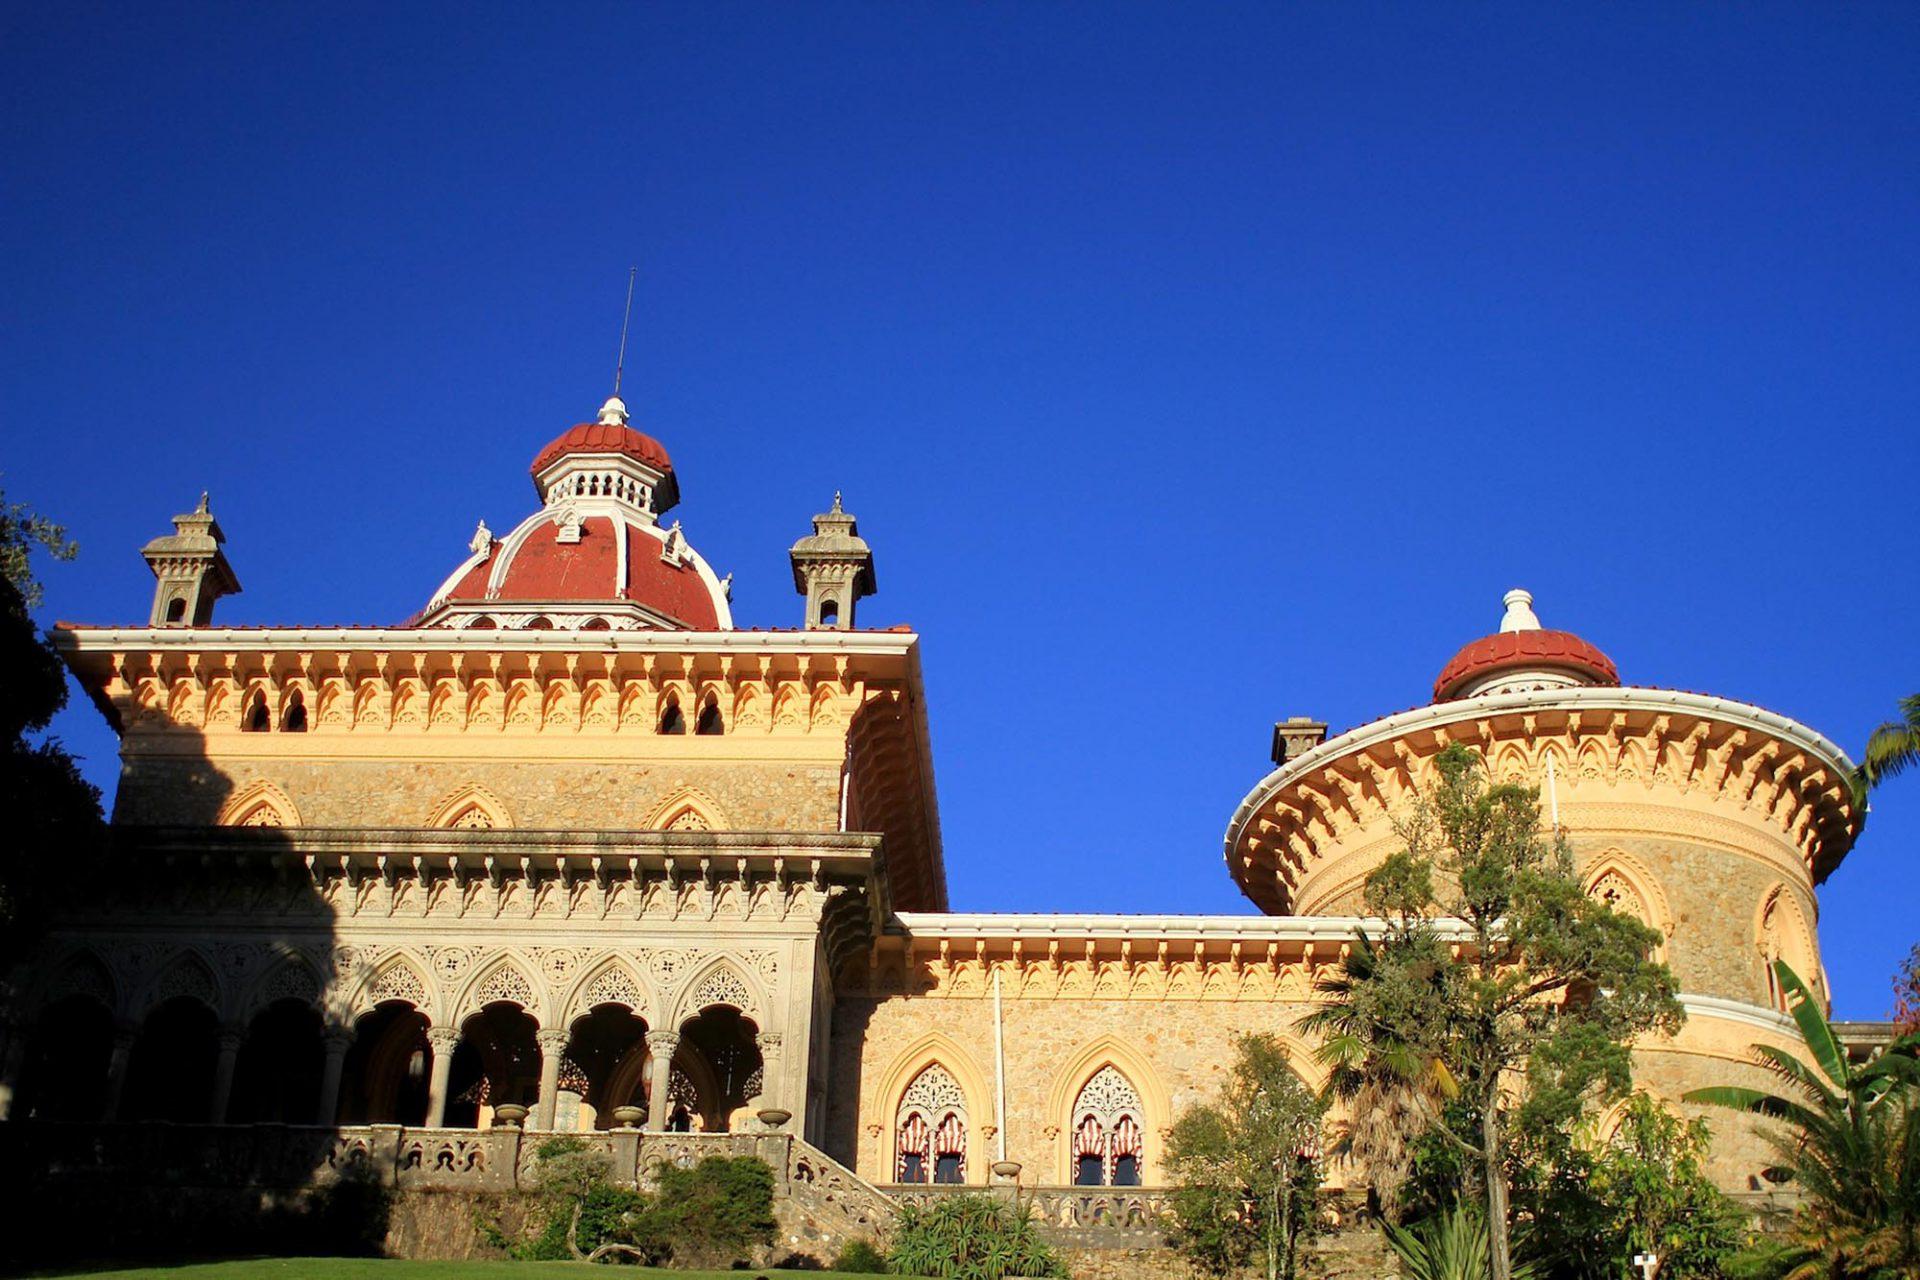 Palácio de Monserrate.  Maurische Anklänge mit ordentlich Gotik drin.